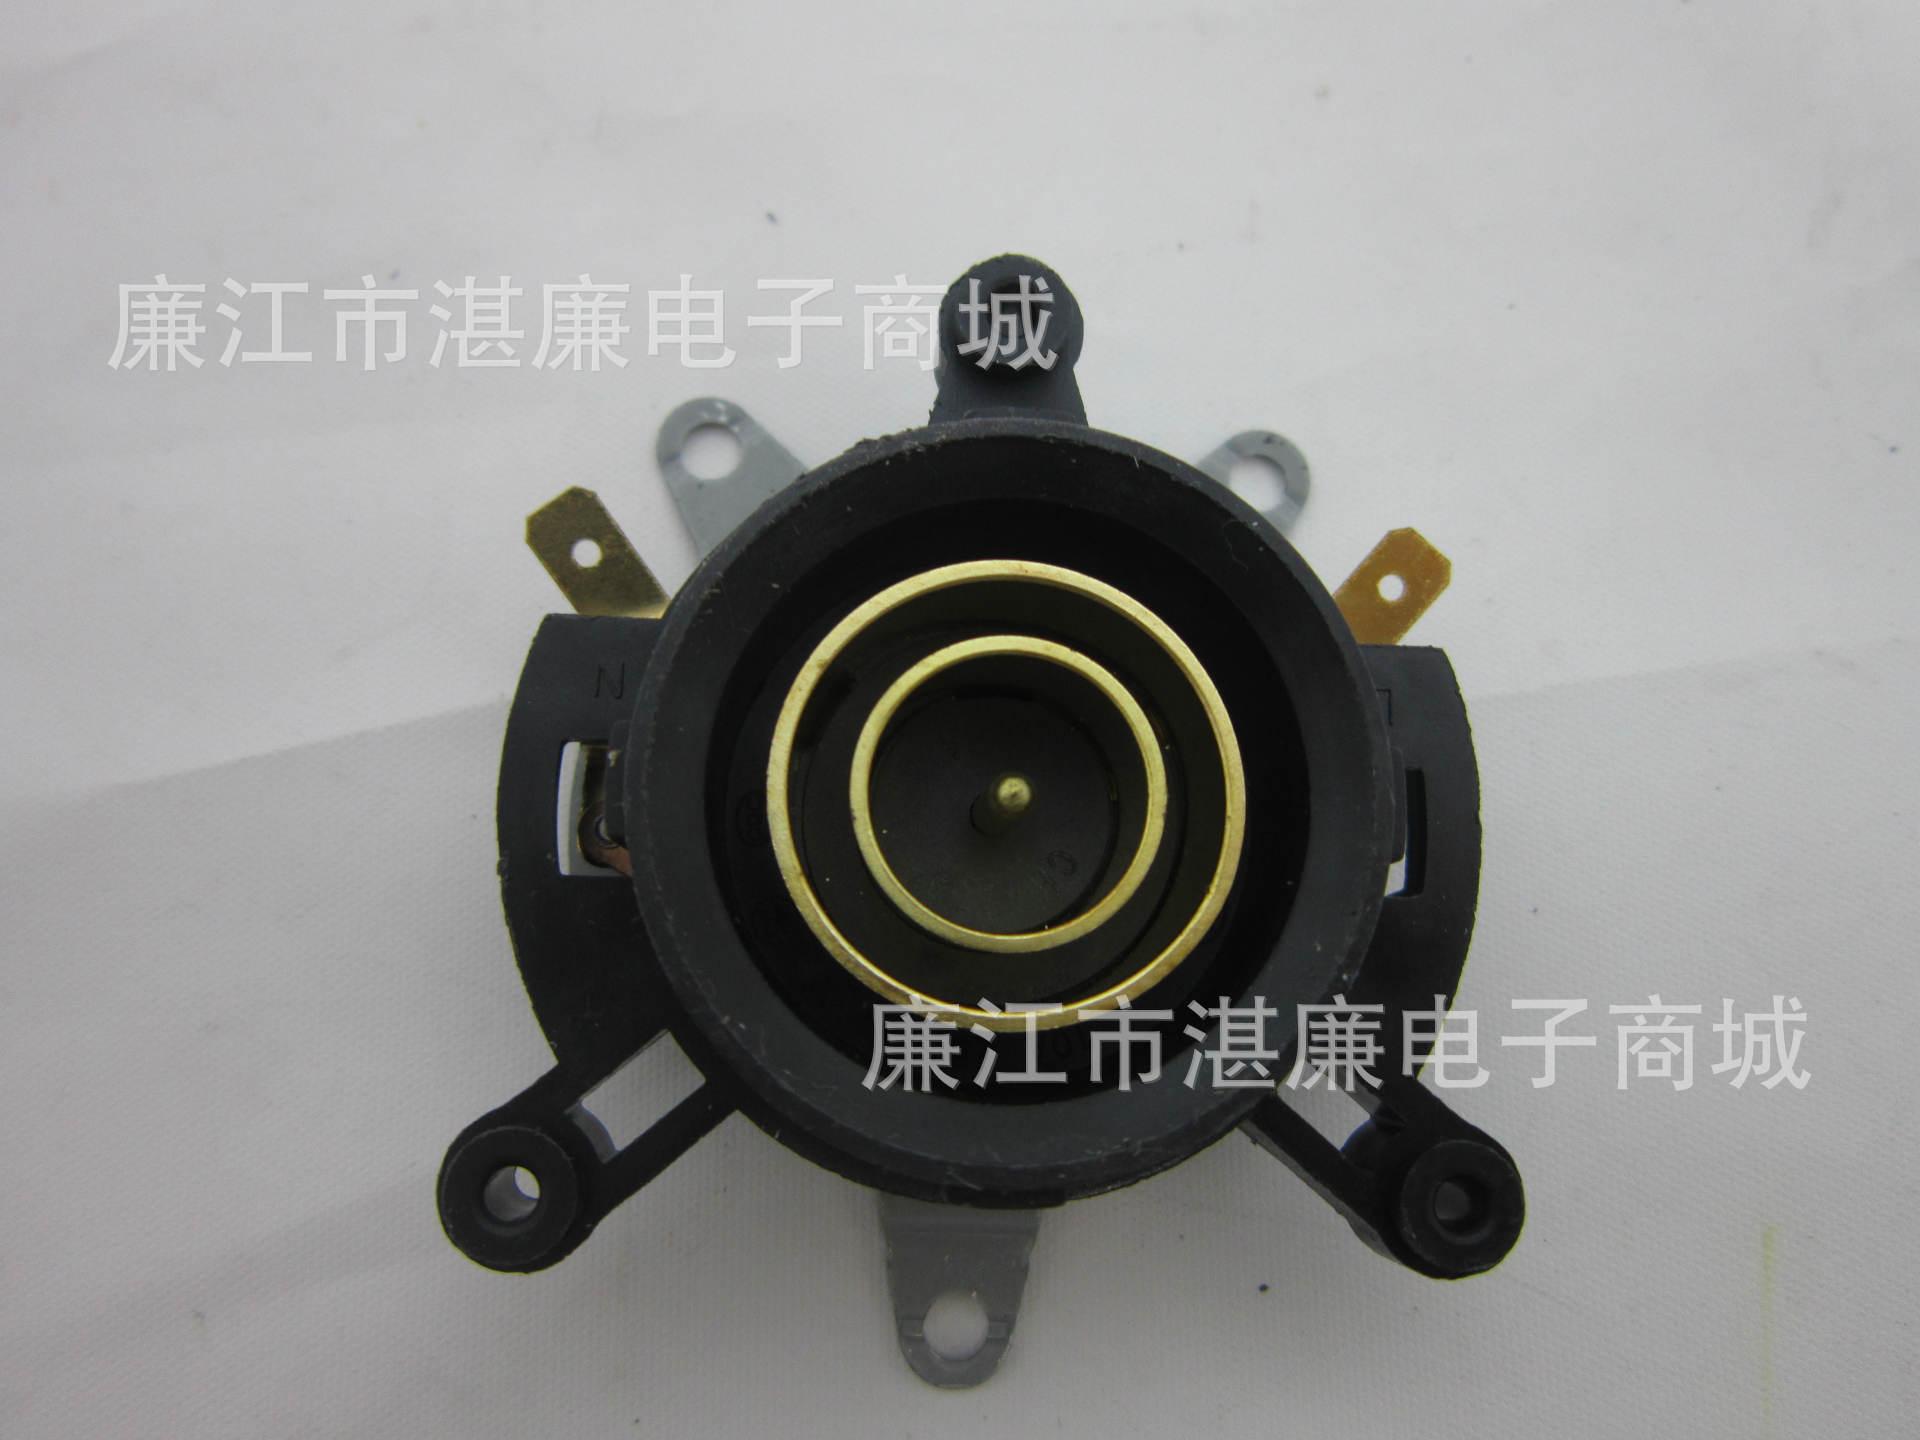 半球电热水壶温控 耦合器一套 上下连接器 底座配件批发